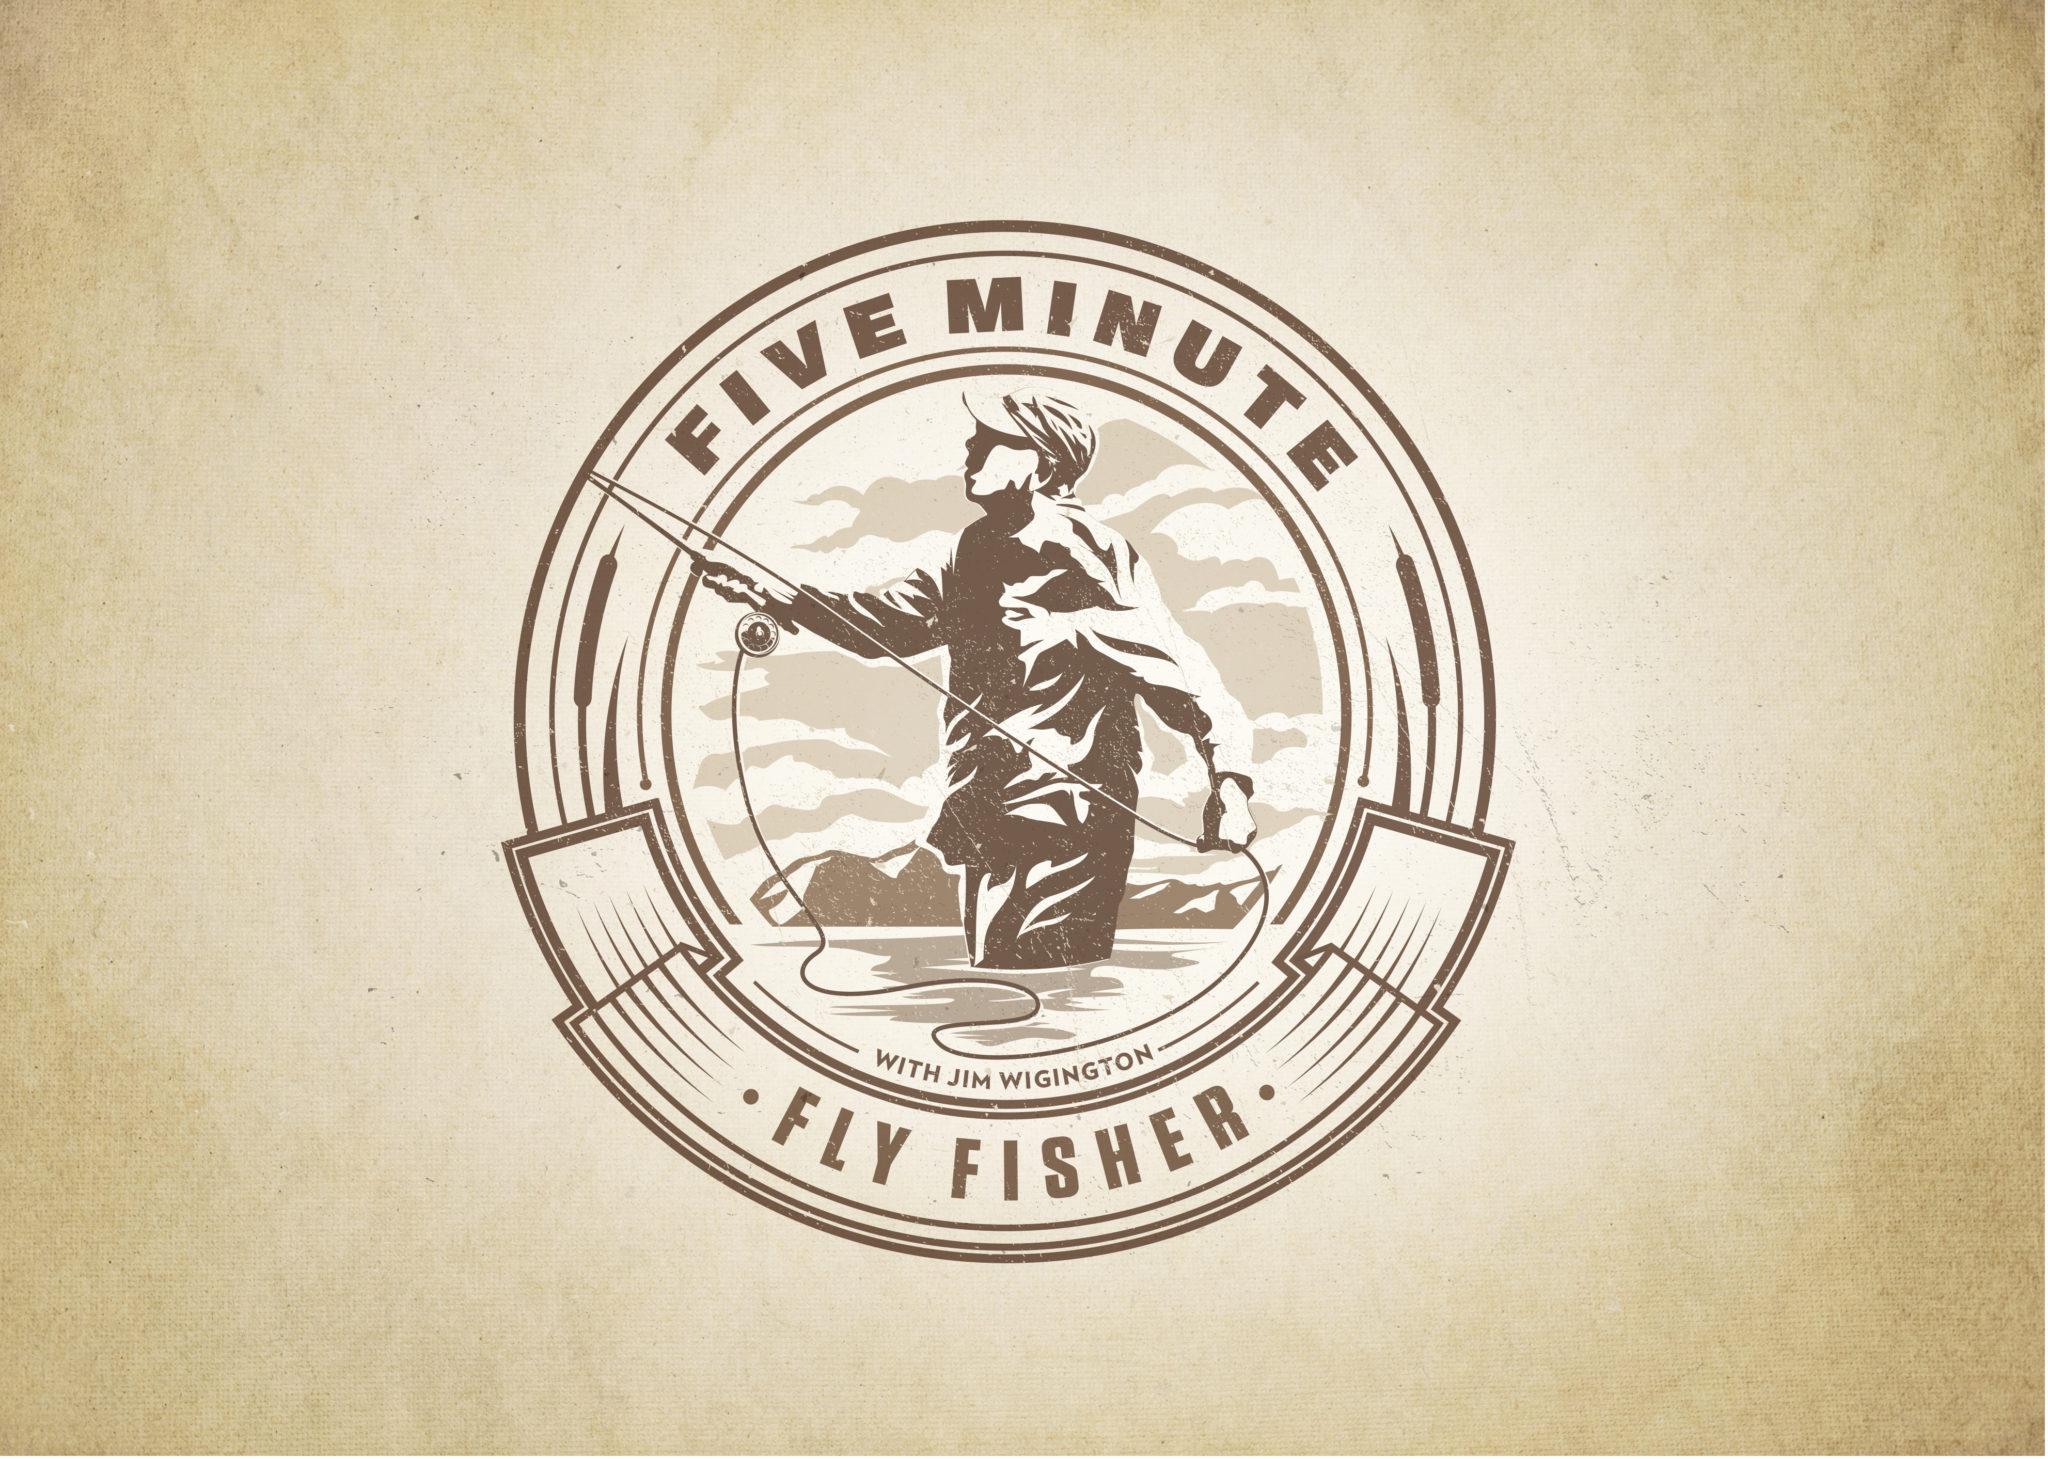 FiveMinuteFlyFisher_Logo